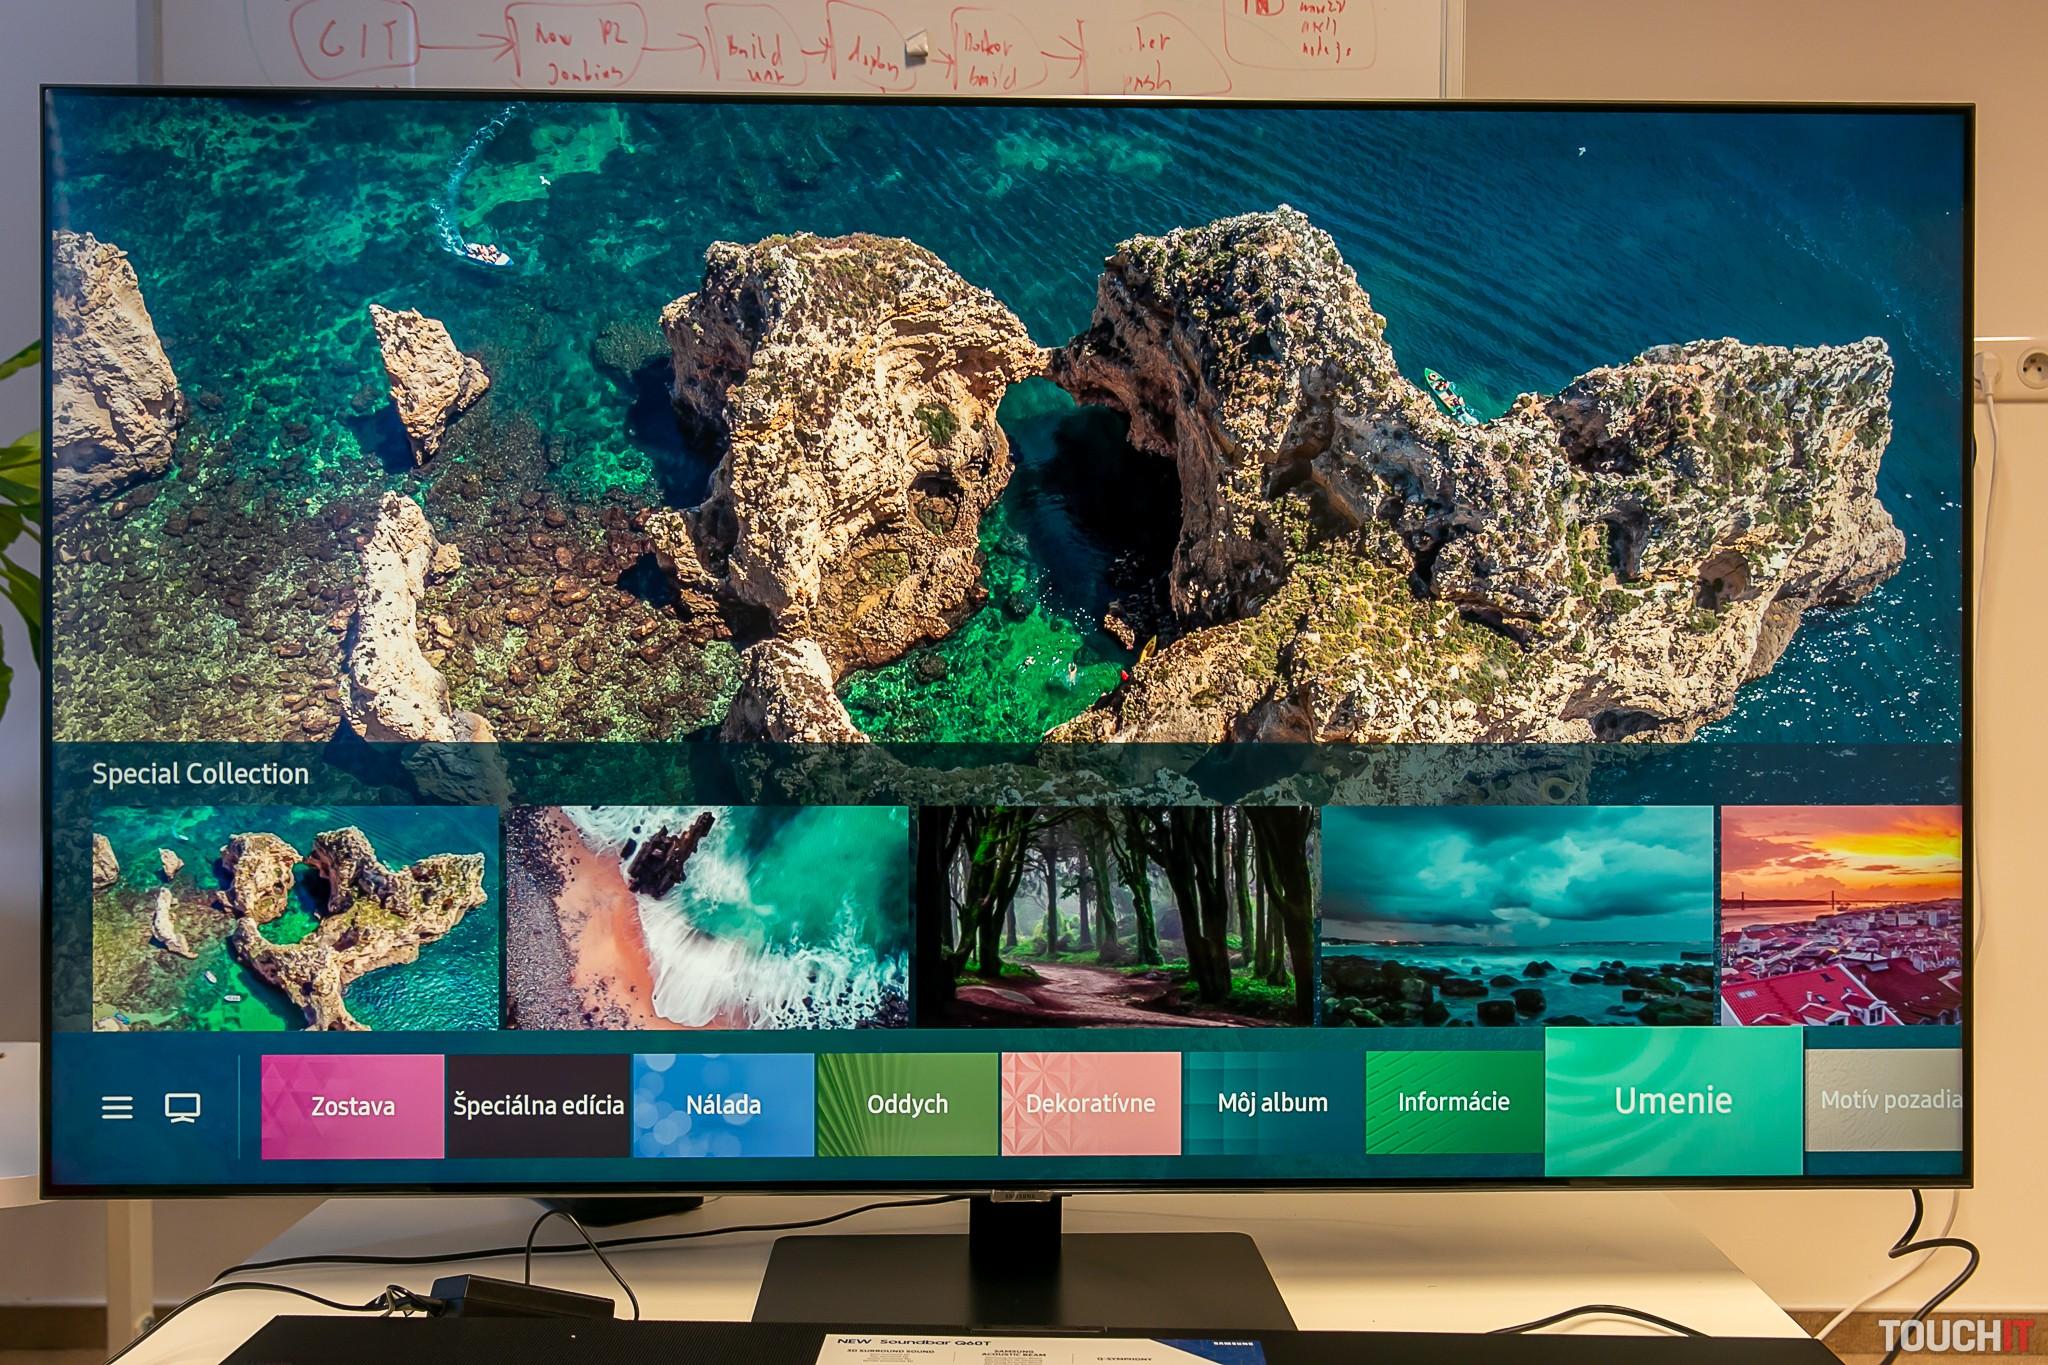 Výber pozadí pre Ambient+ na Samsung Q80T